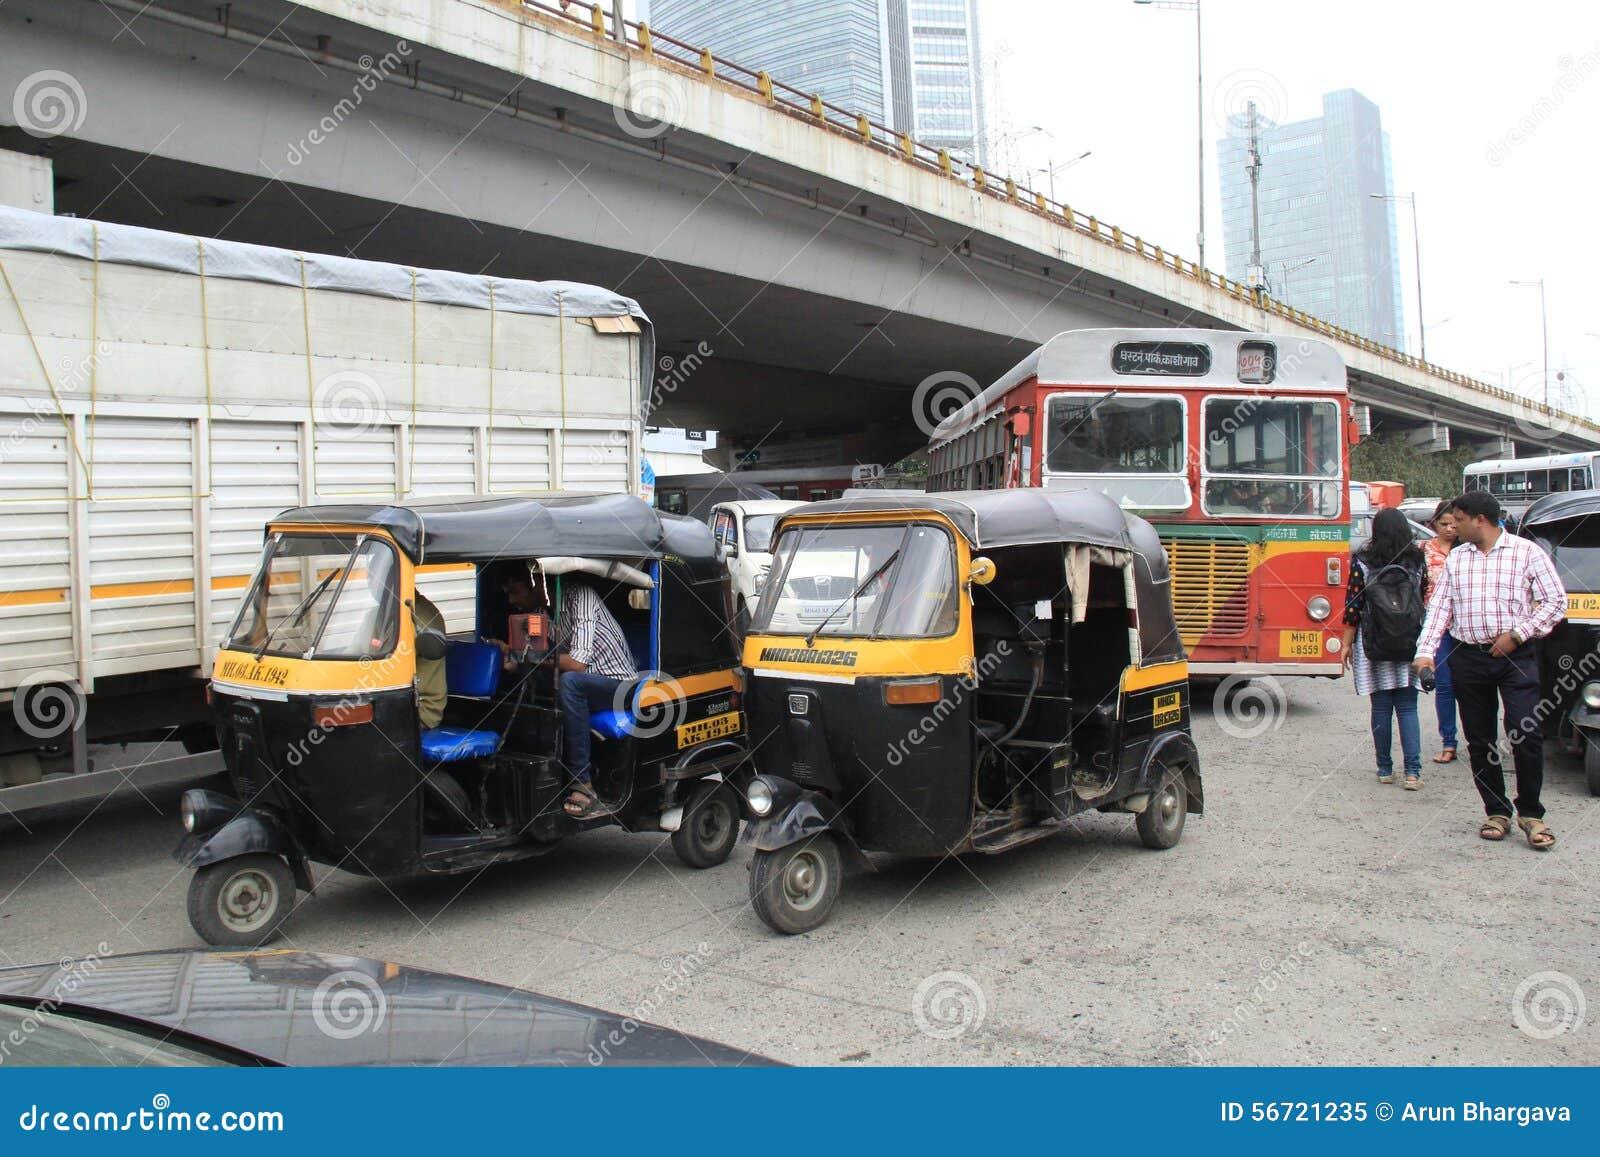 Piccolo taxi in India